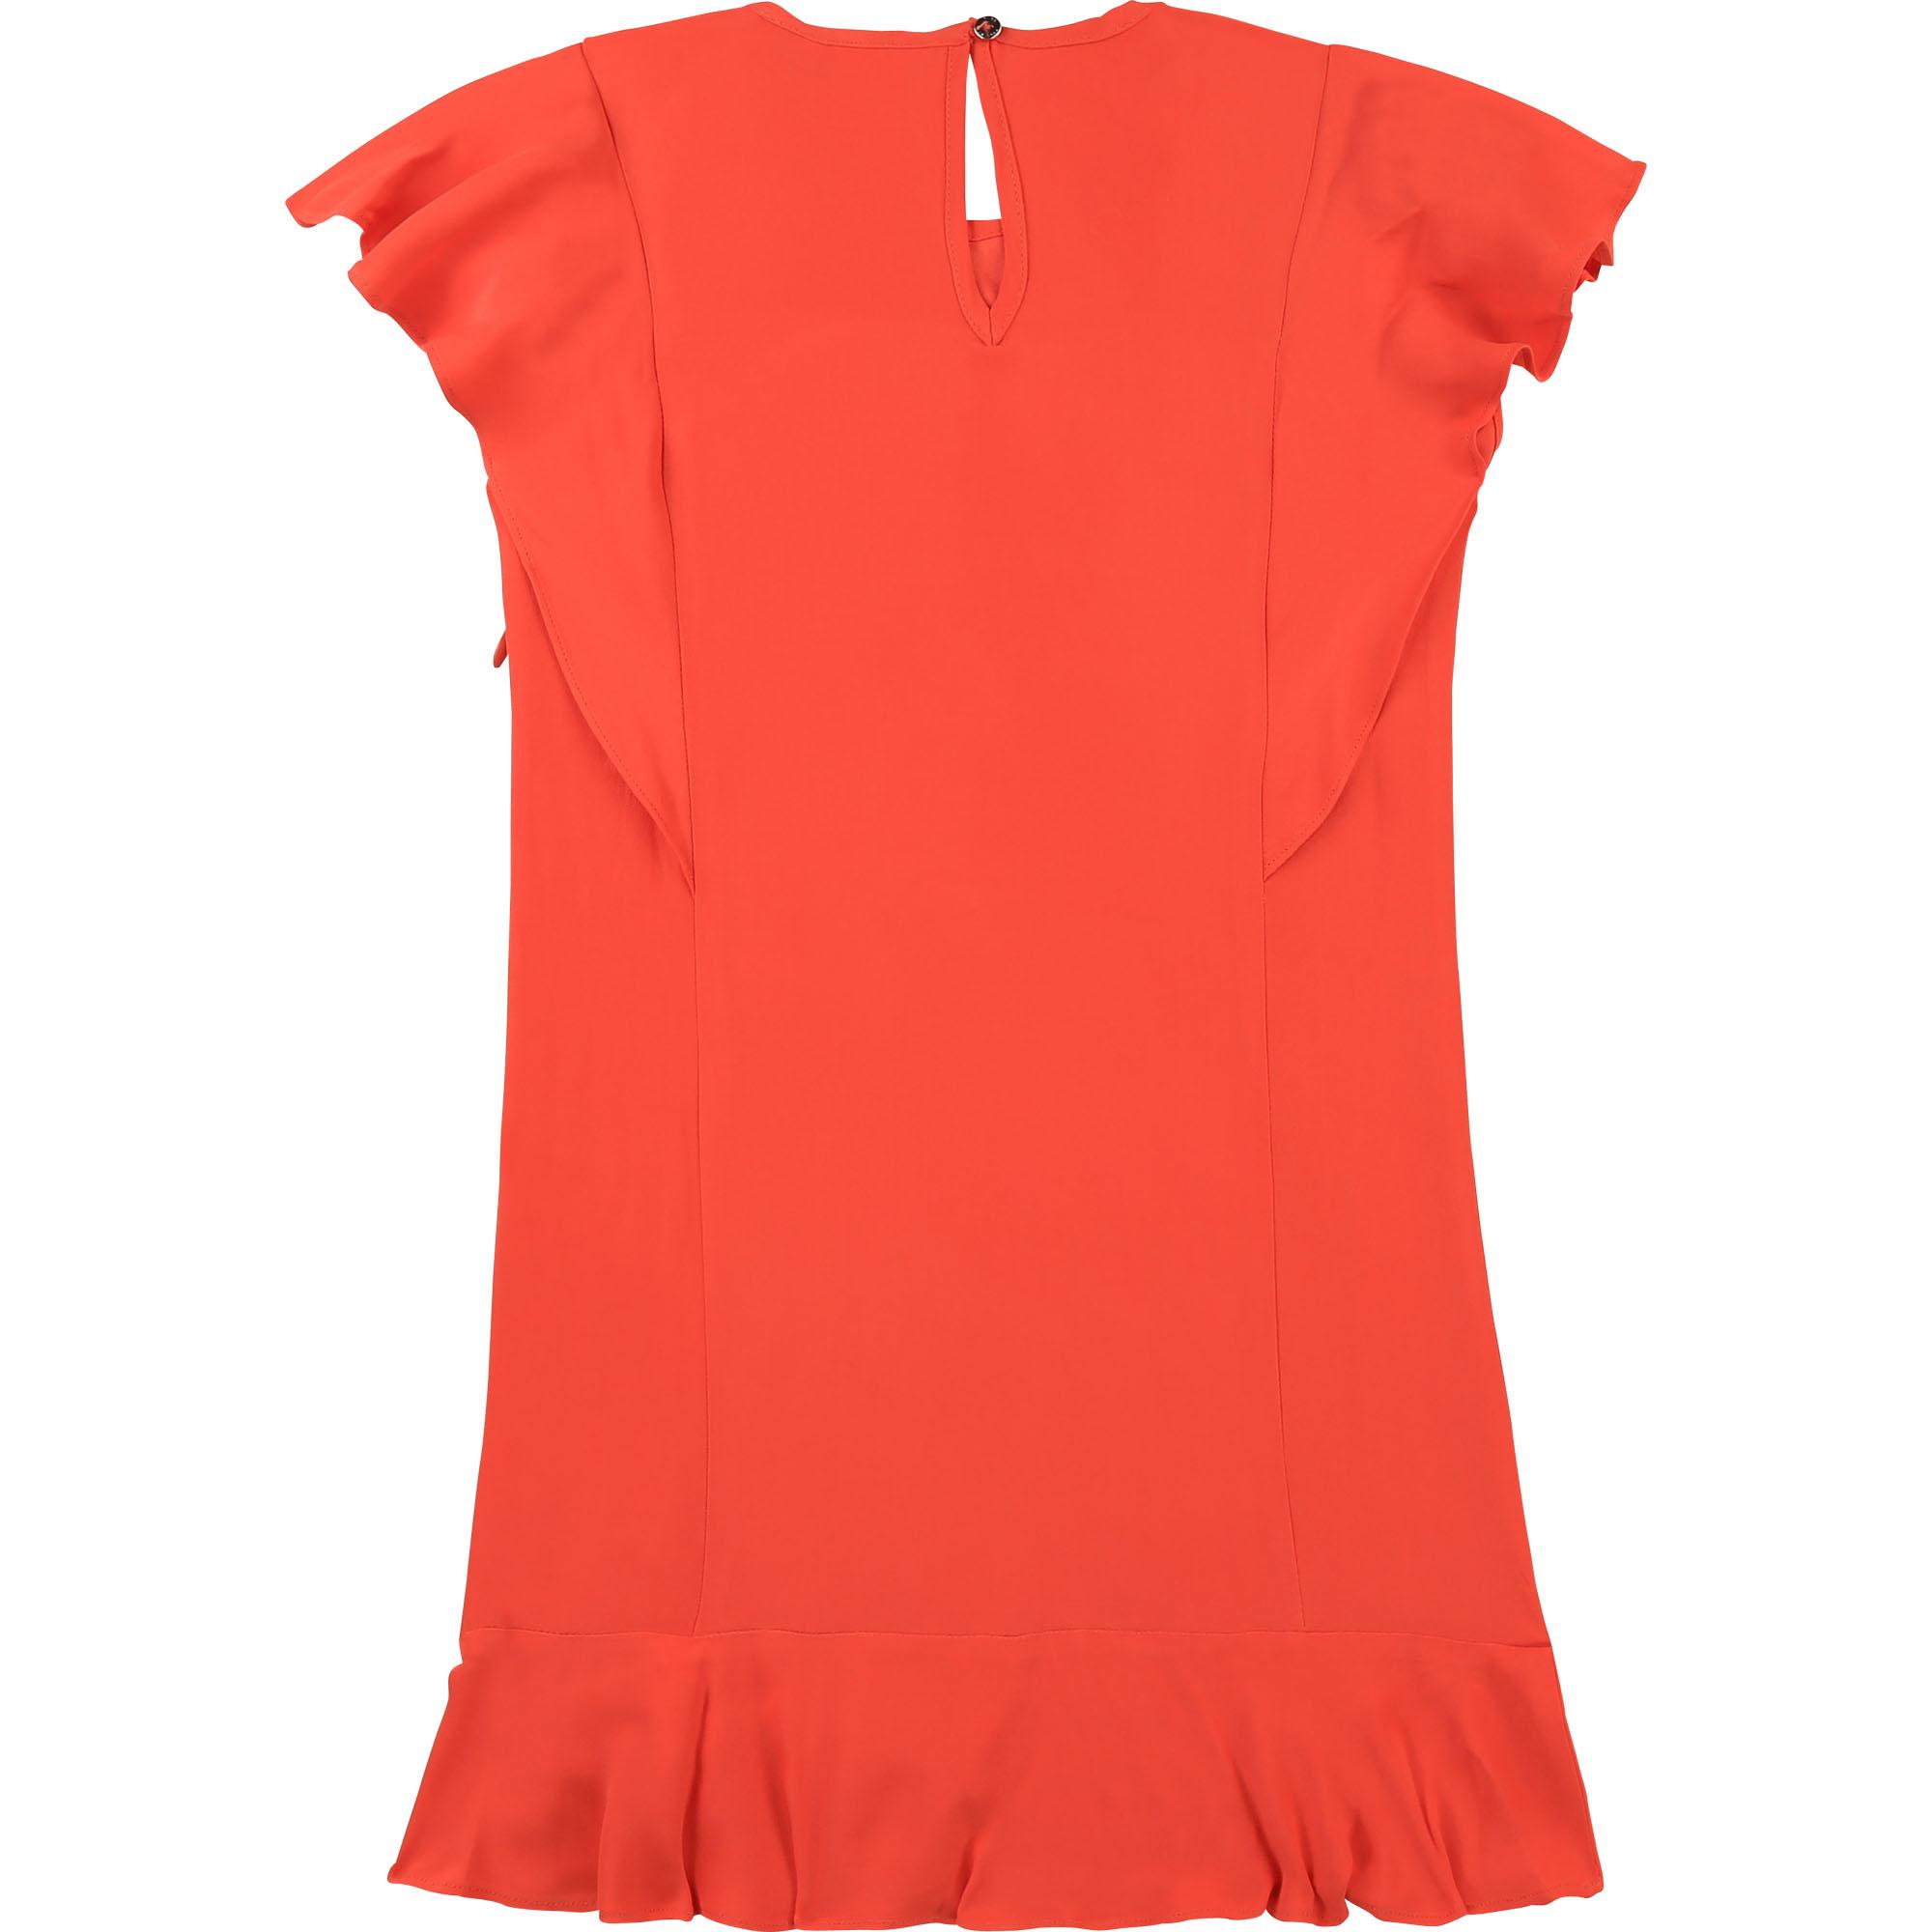 Satin crepe dress BOSS for GIRL